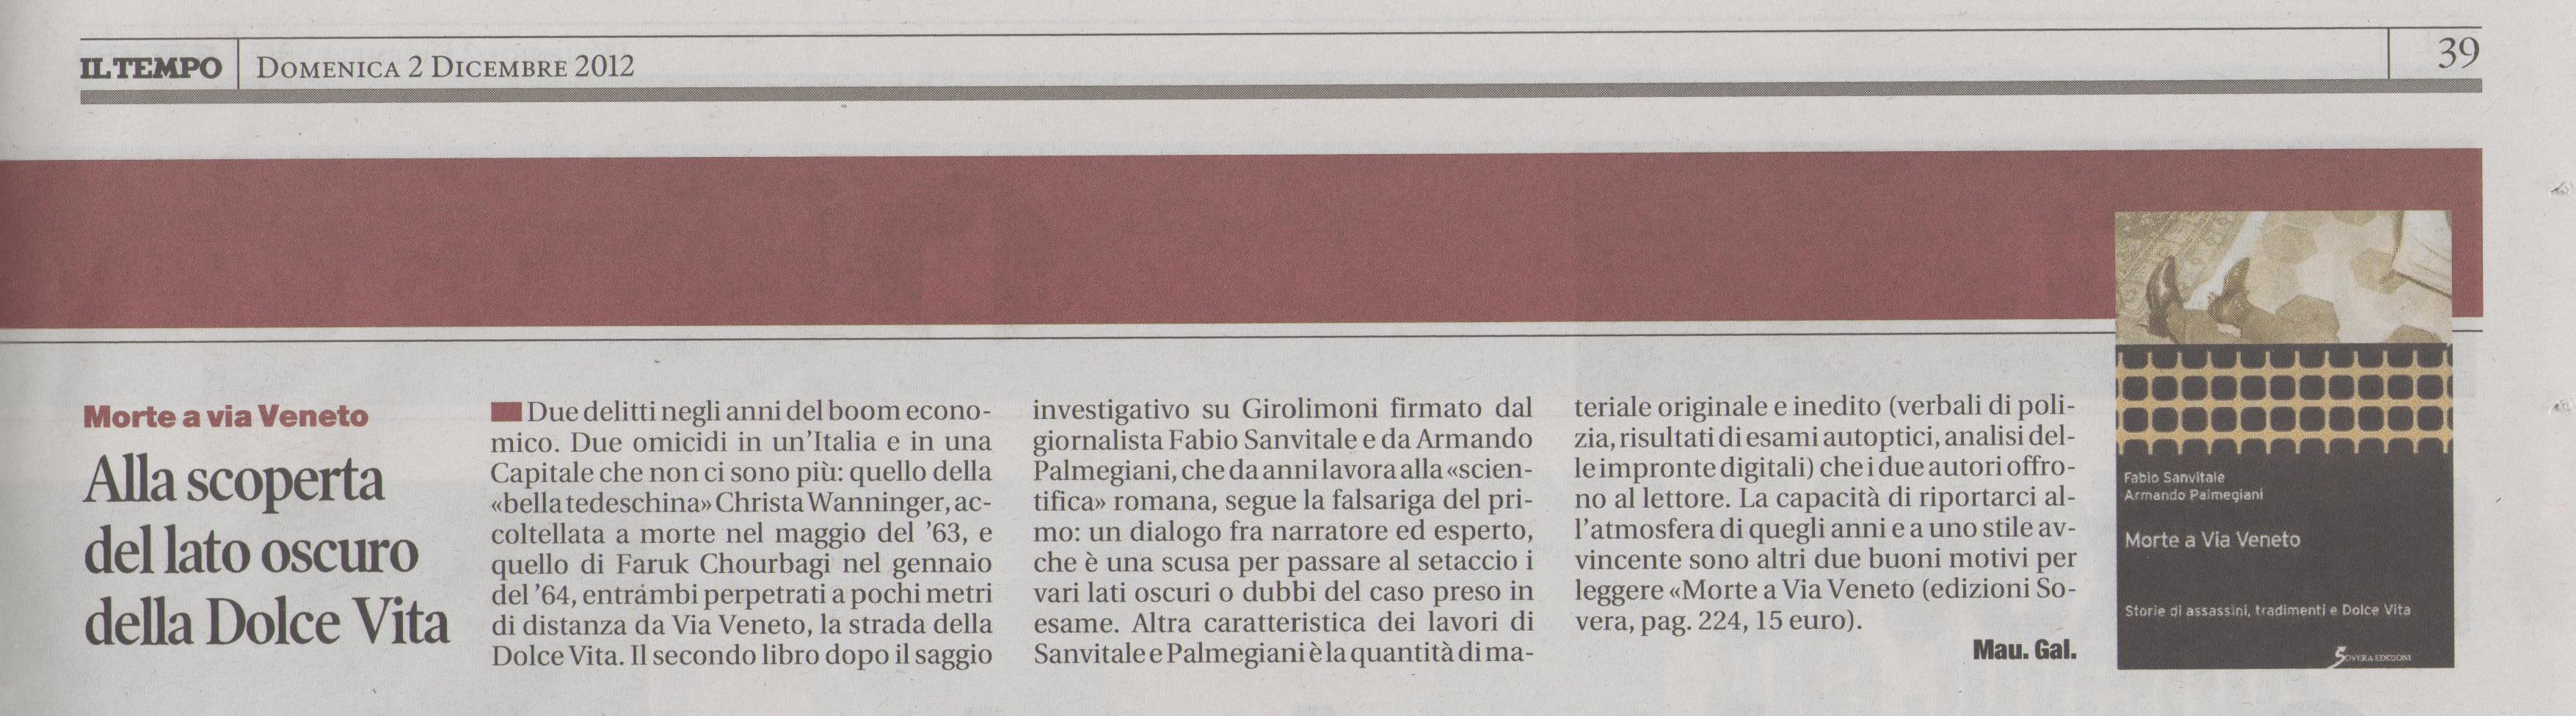 Il Tempo, 2 dicembre 2012